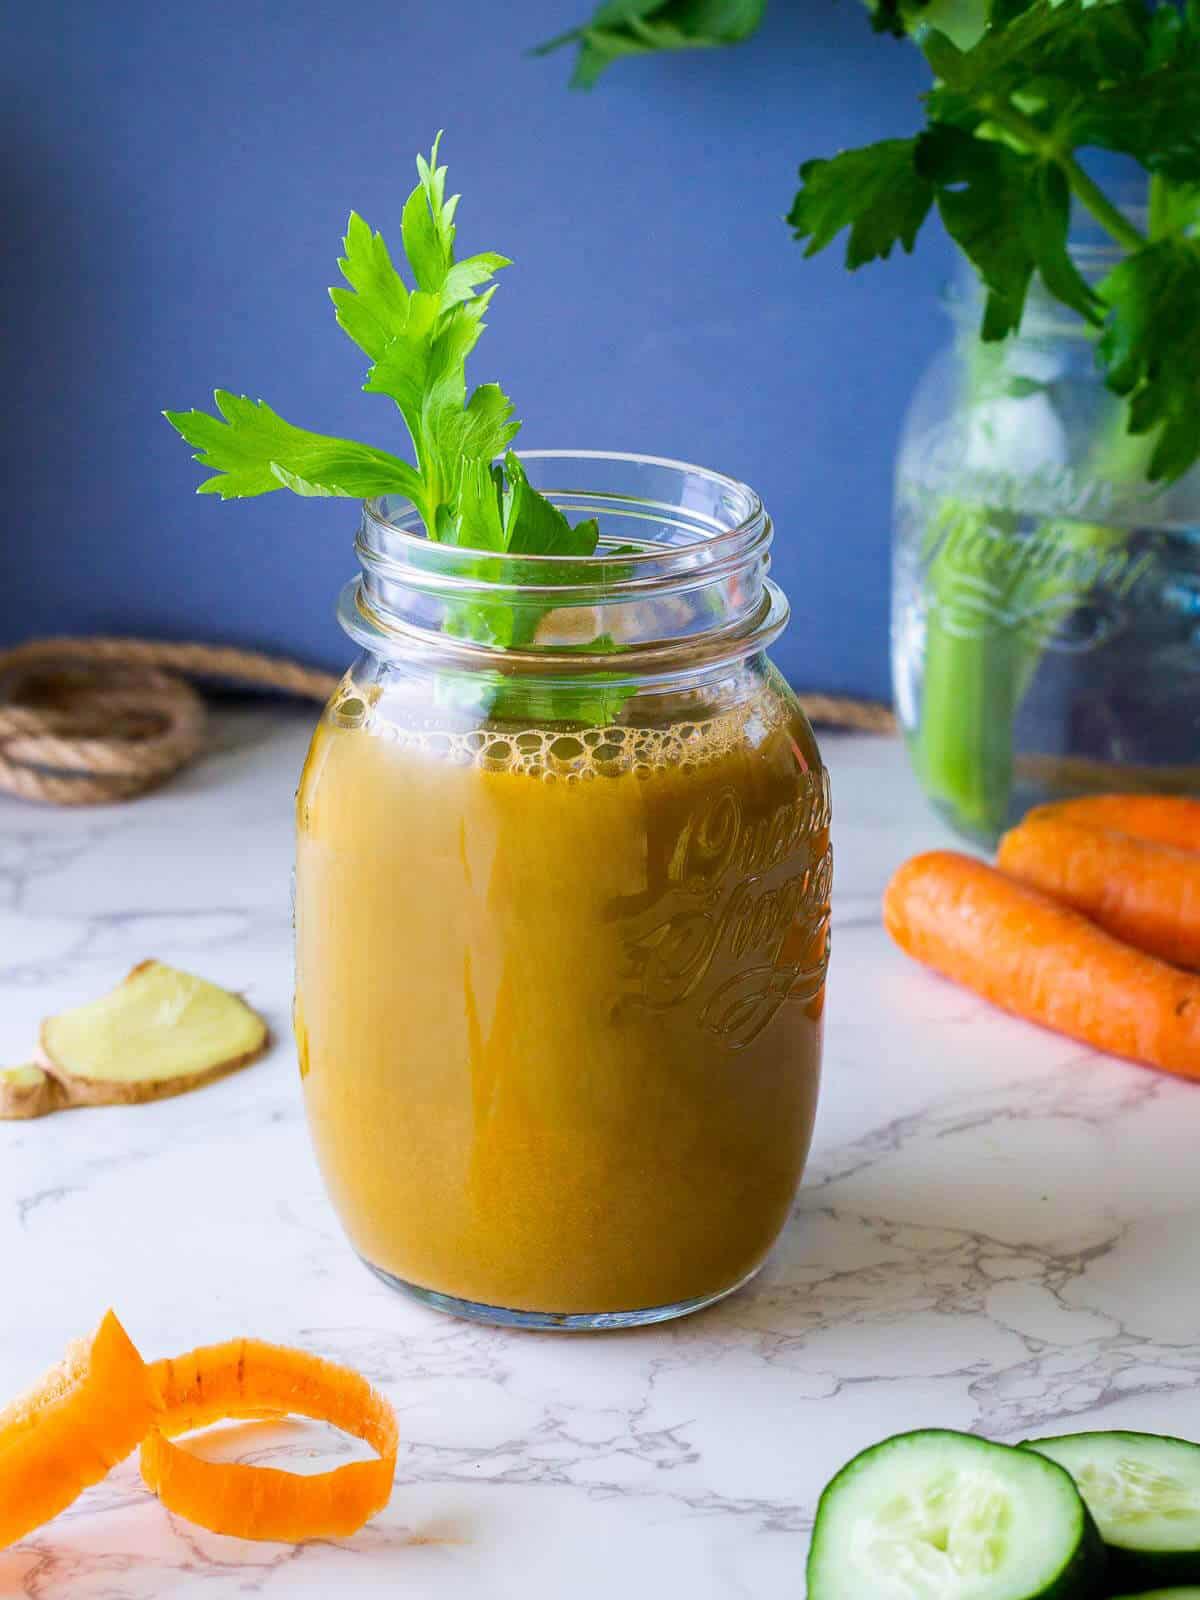 carrot celery cucumber juice glass